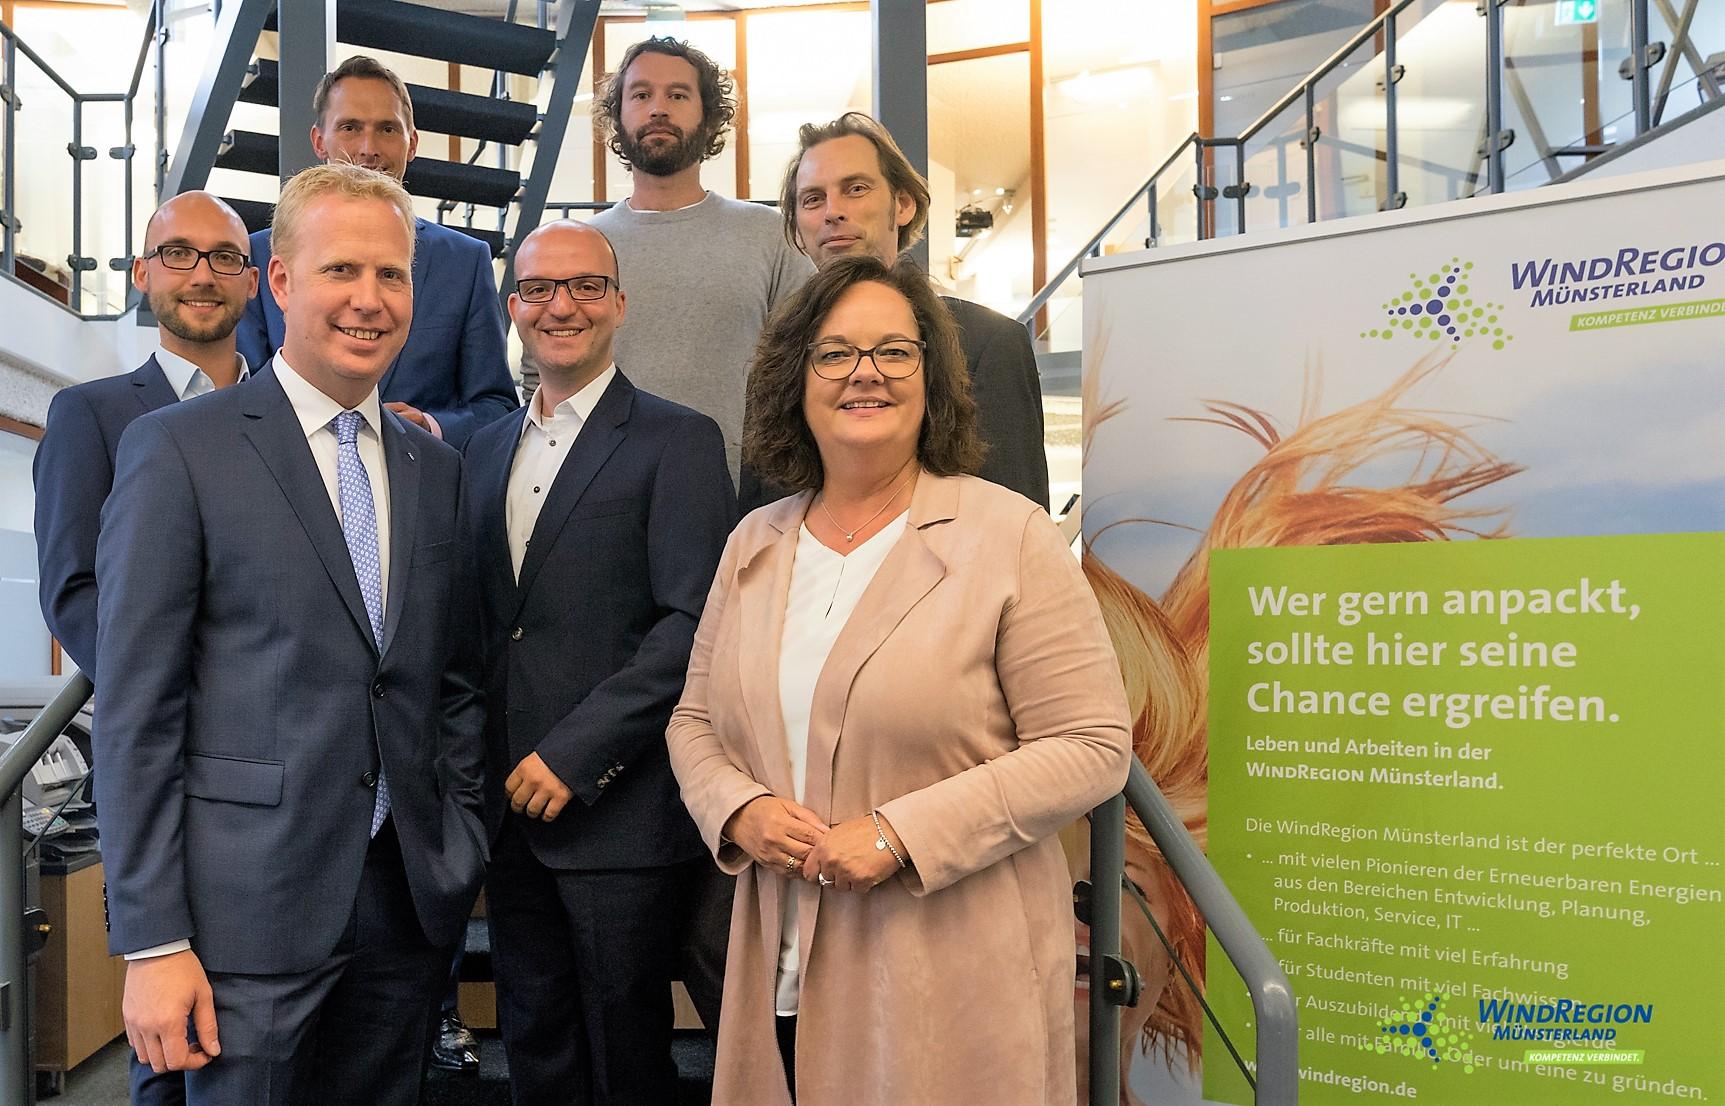 Für die WindRegion Münsterland: CDU-Repräsentanten und Partnerunternehmen (Foto: EWG Rheine)